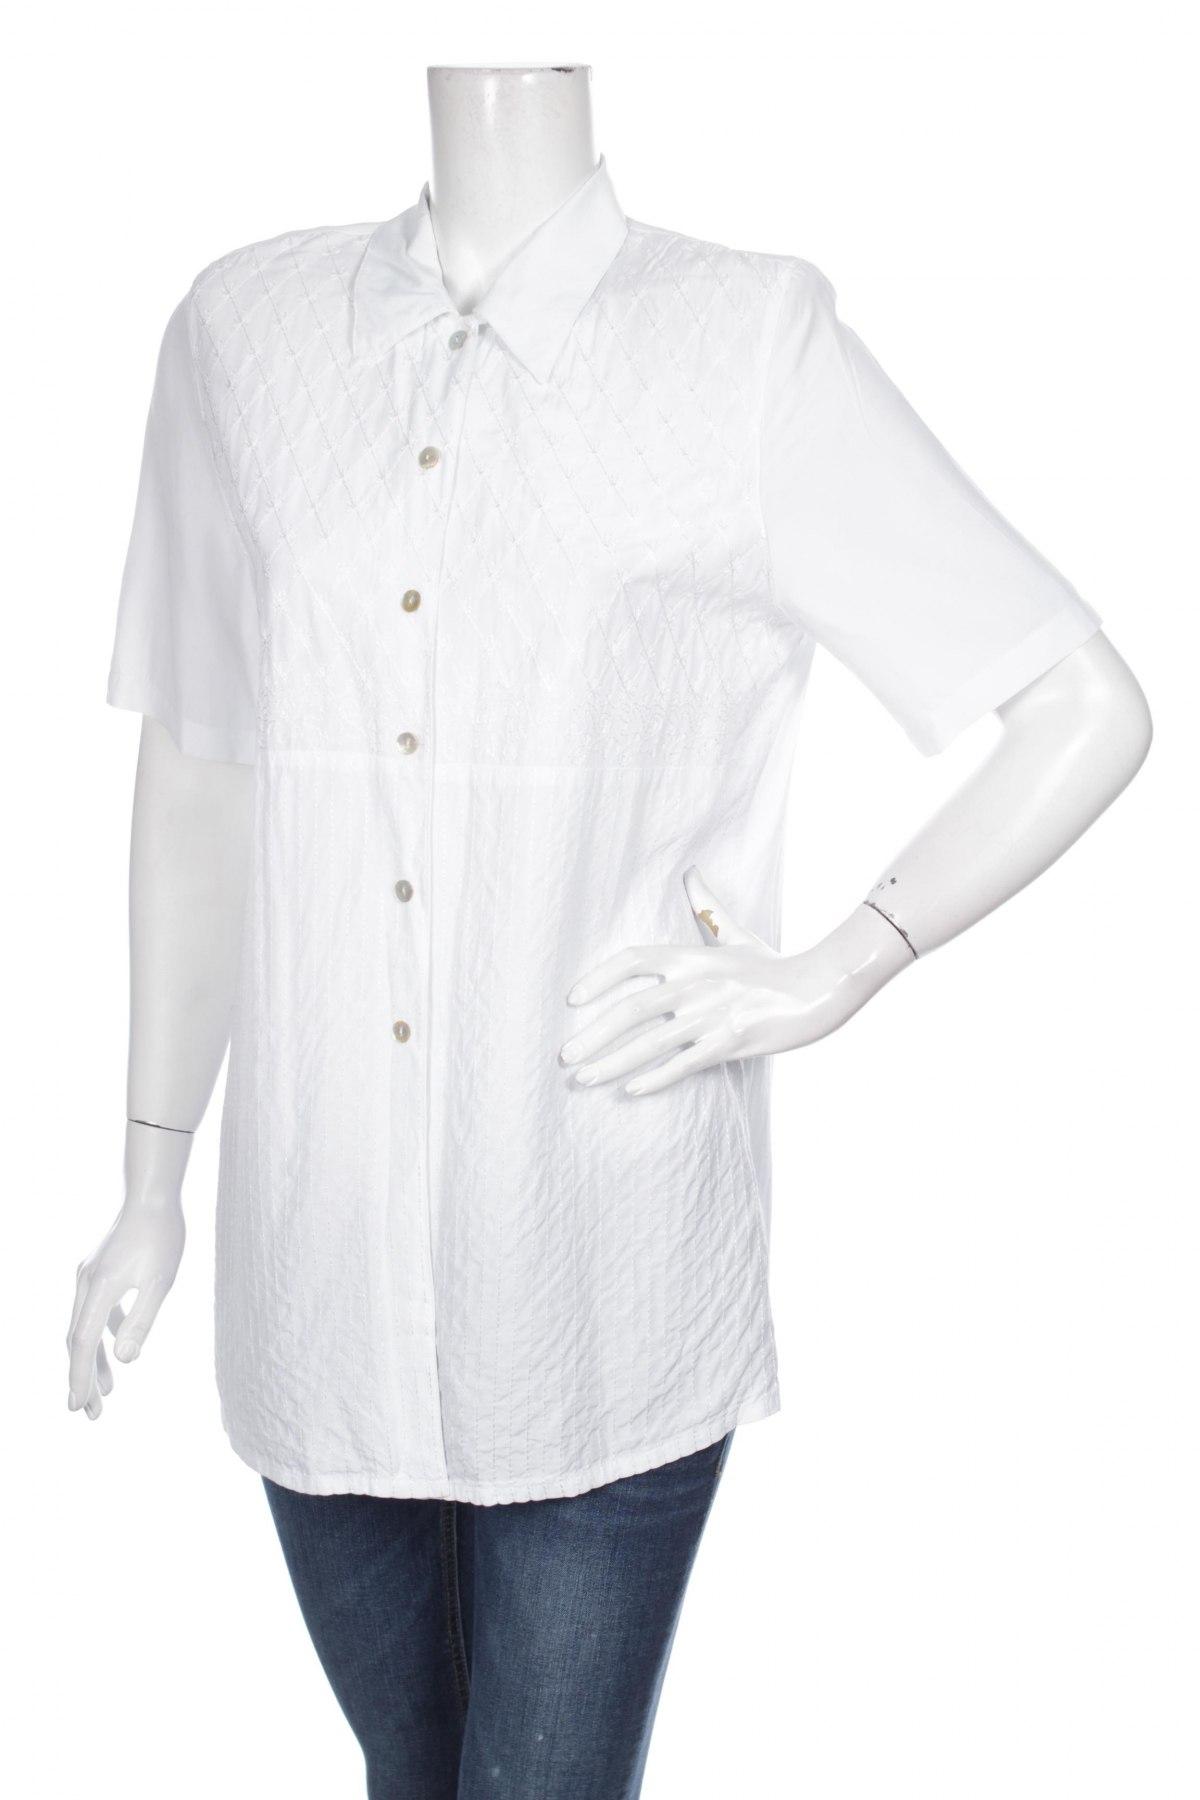 Γυναικείο πουκάμισο Die Lingener